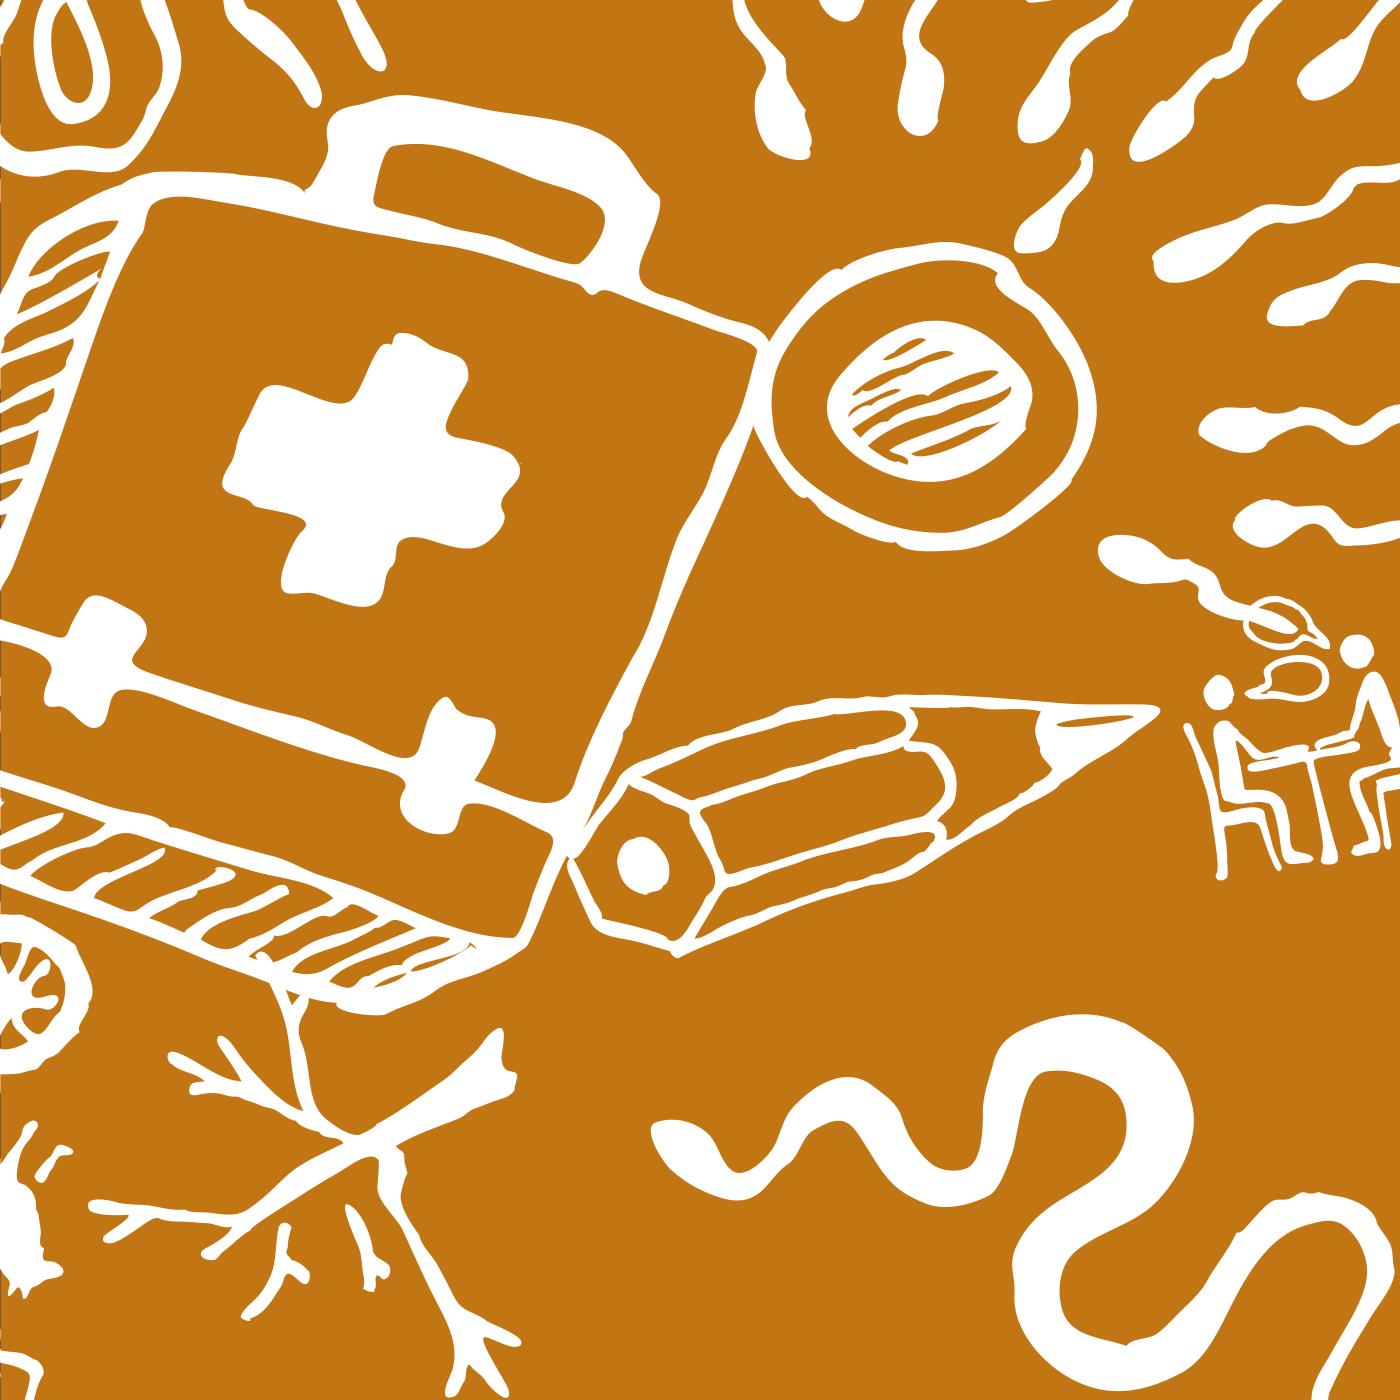 Médecine nucléaire et imagerie moléculaire (2e année BSc Med, 2014)